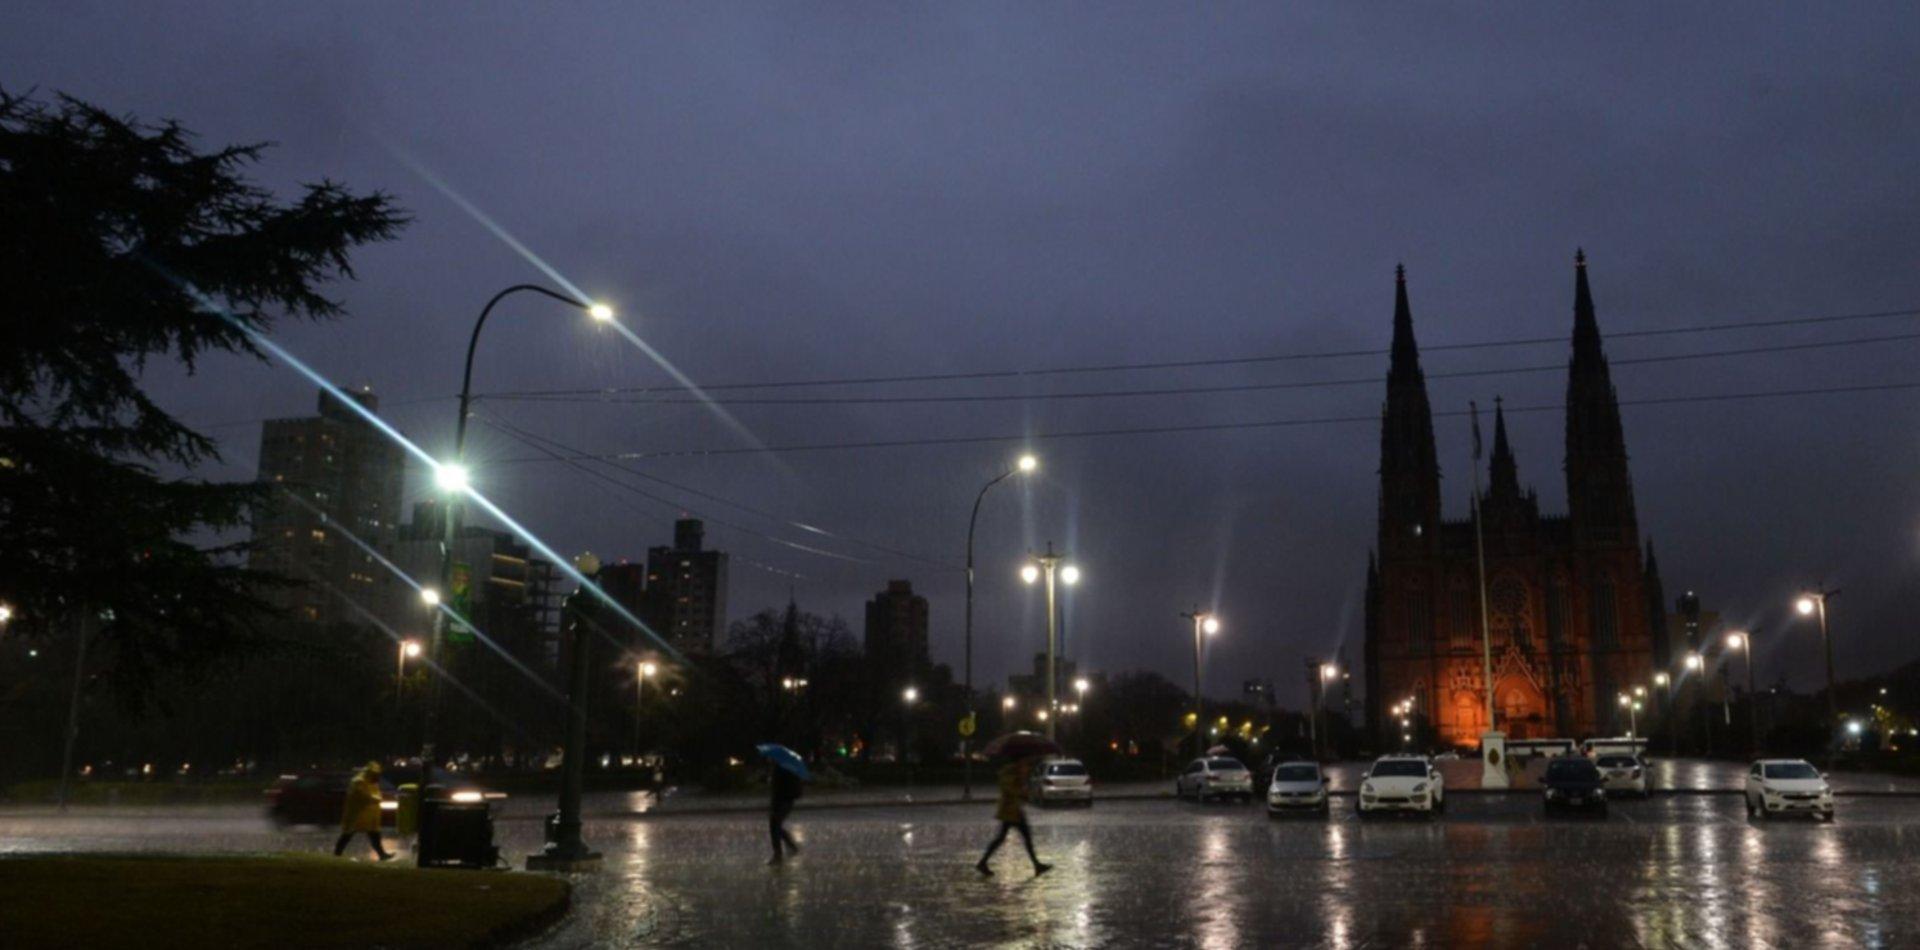 Clima en La Plata: Volvieron las lluvias, renovaron el alerta meteorológico y ya granizó en La Plata